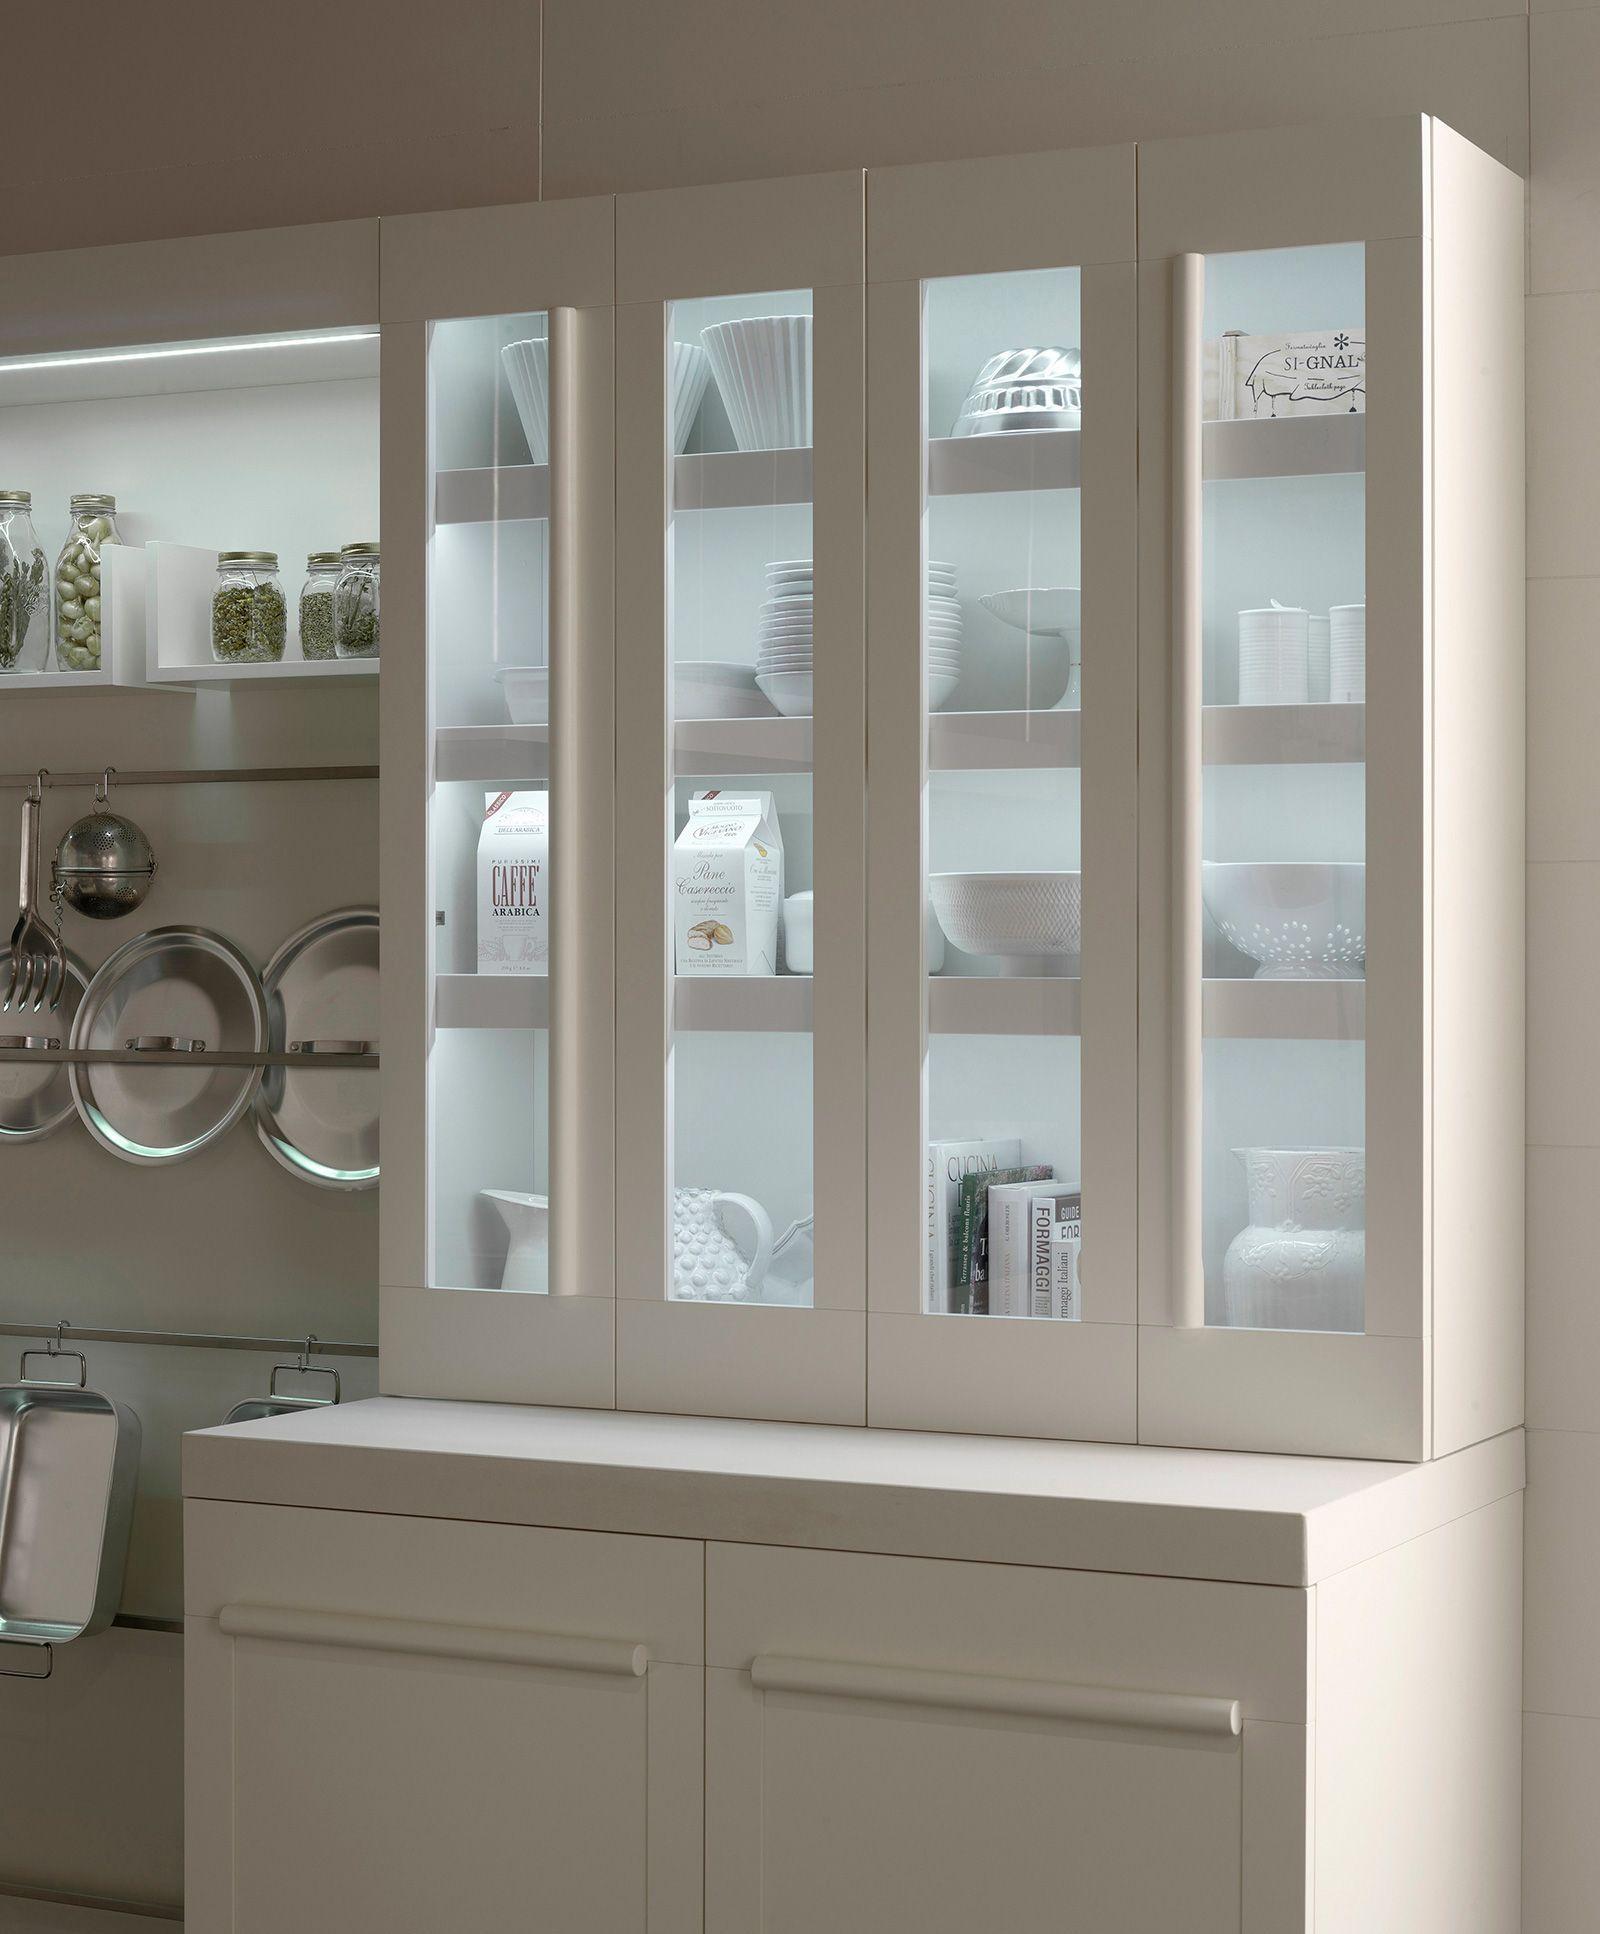 Vitrinas de cristal dise os de cocinas pinterest for Muebles de cristal